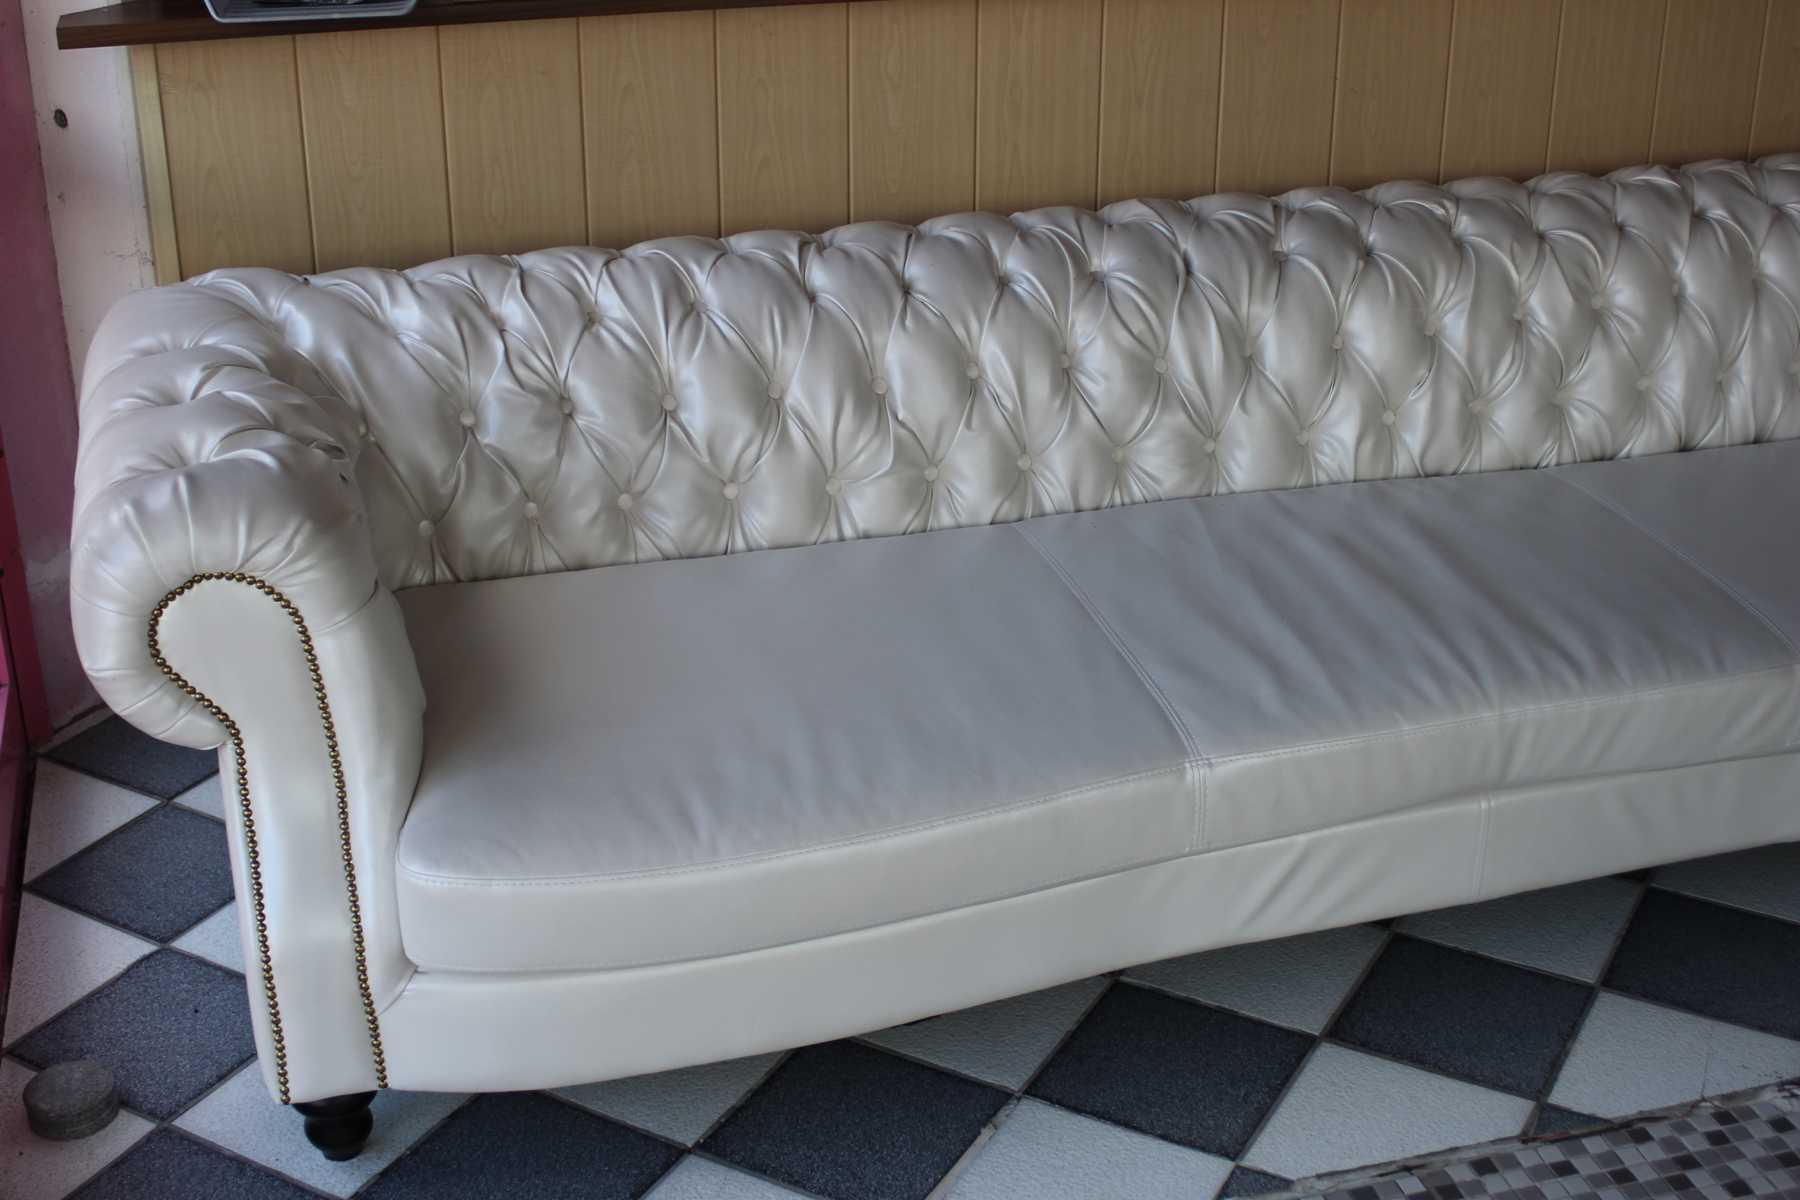 Chesterfield sofas und ledersofas charly designersofa bei jv mbel xxl big sofa 5 personen couch polster garnitur chesterfield sofort lieferbar neu parisarafo Images